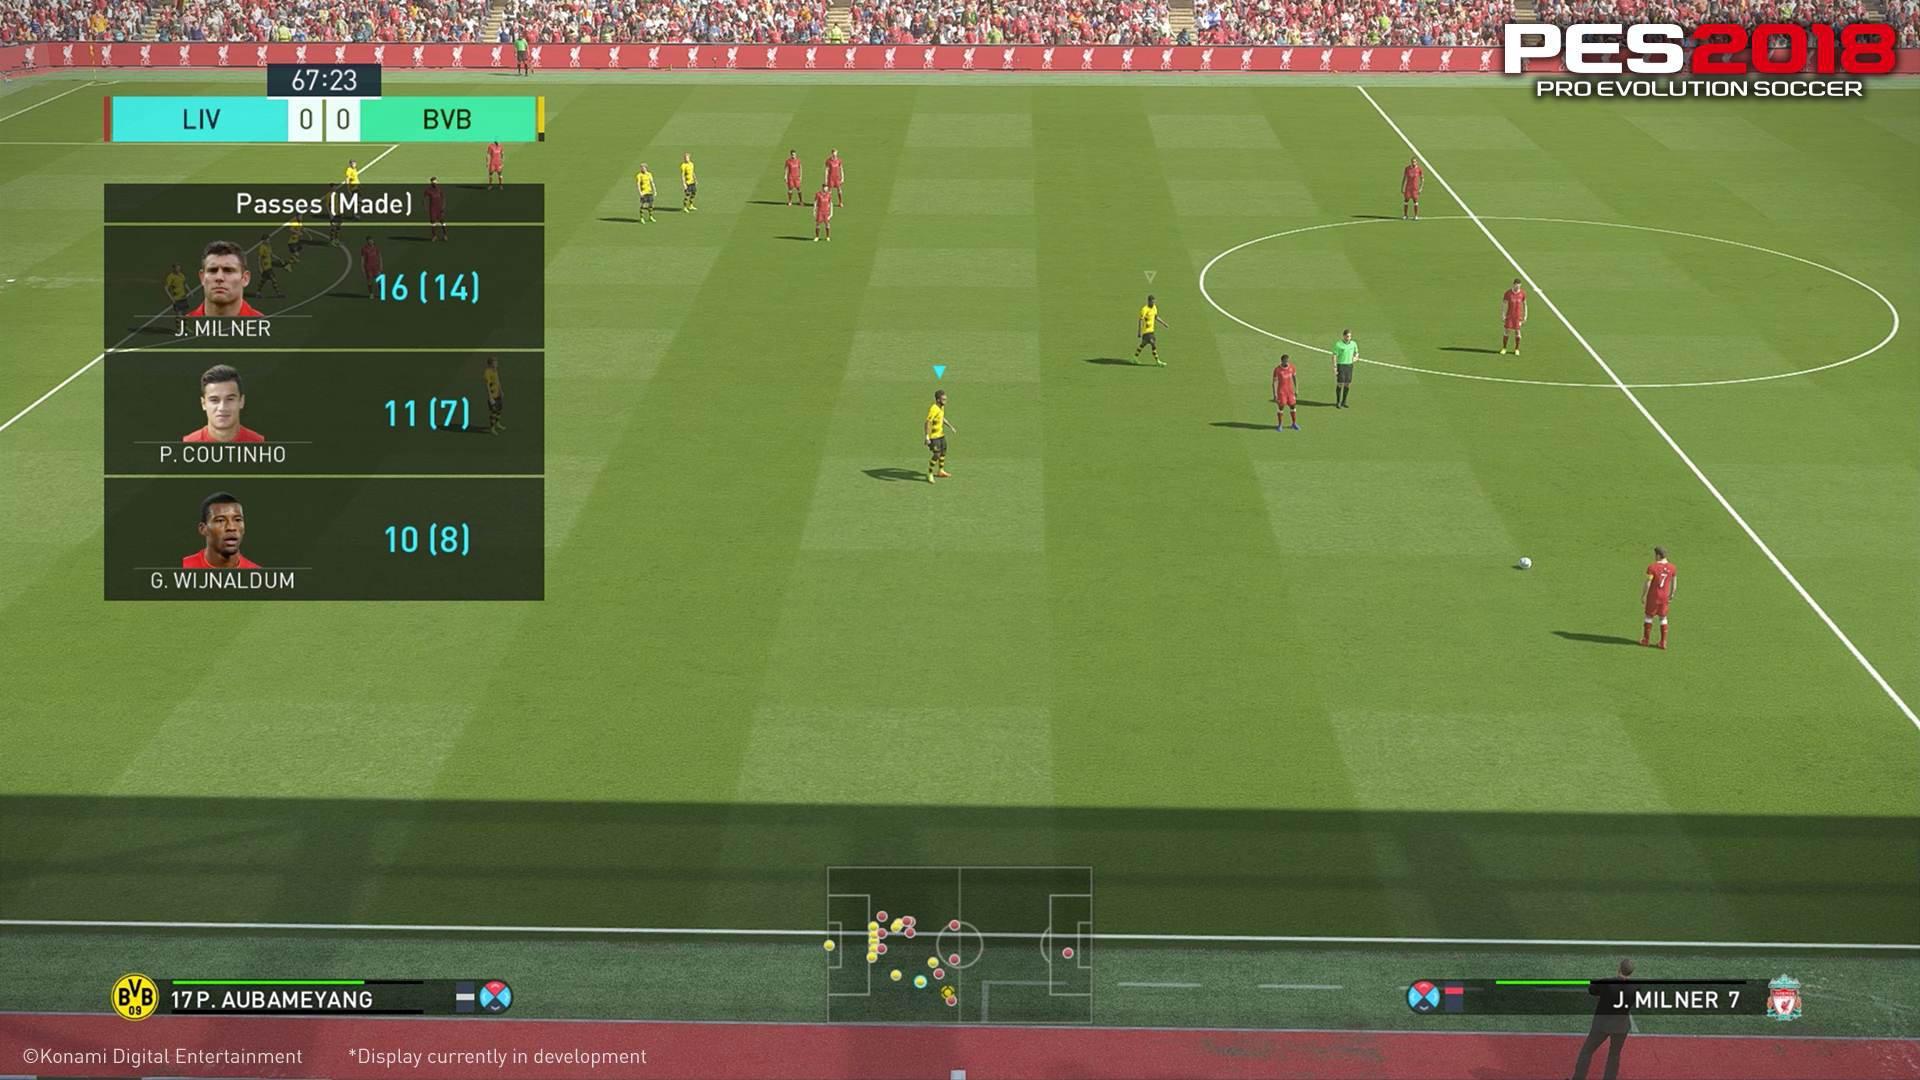 Pro Evolution Soccer 2018 Barcelona Edition   PES 2018 13